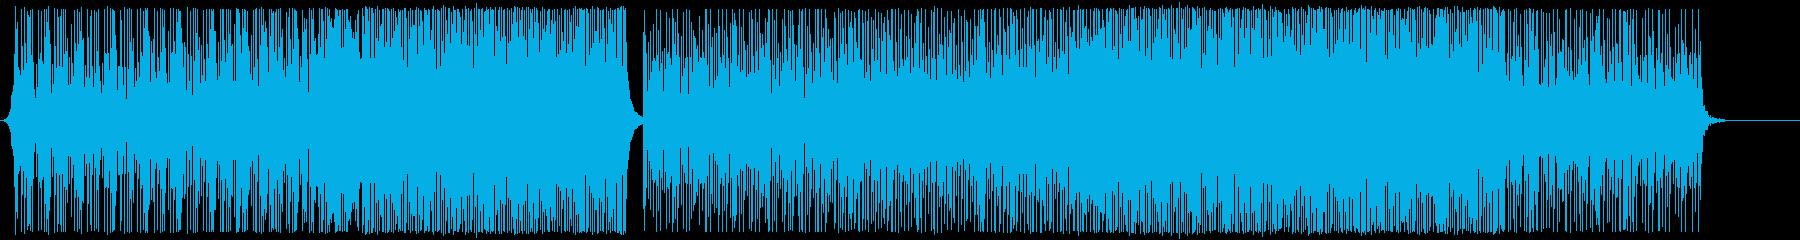 アクティブ-EDMハウス-空-PV-感動の再生済みの波形